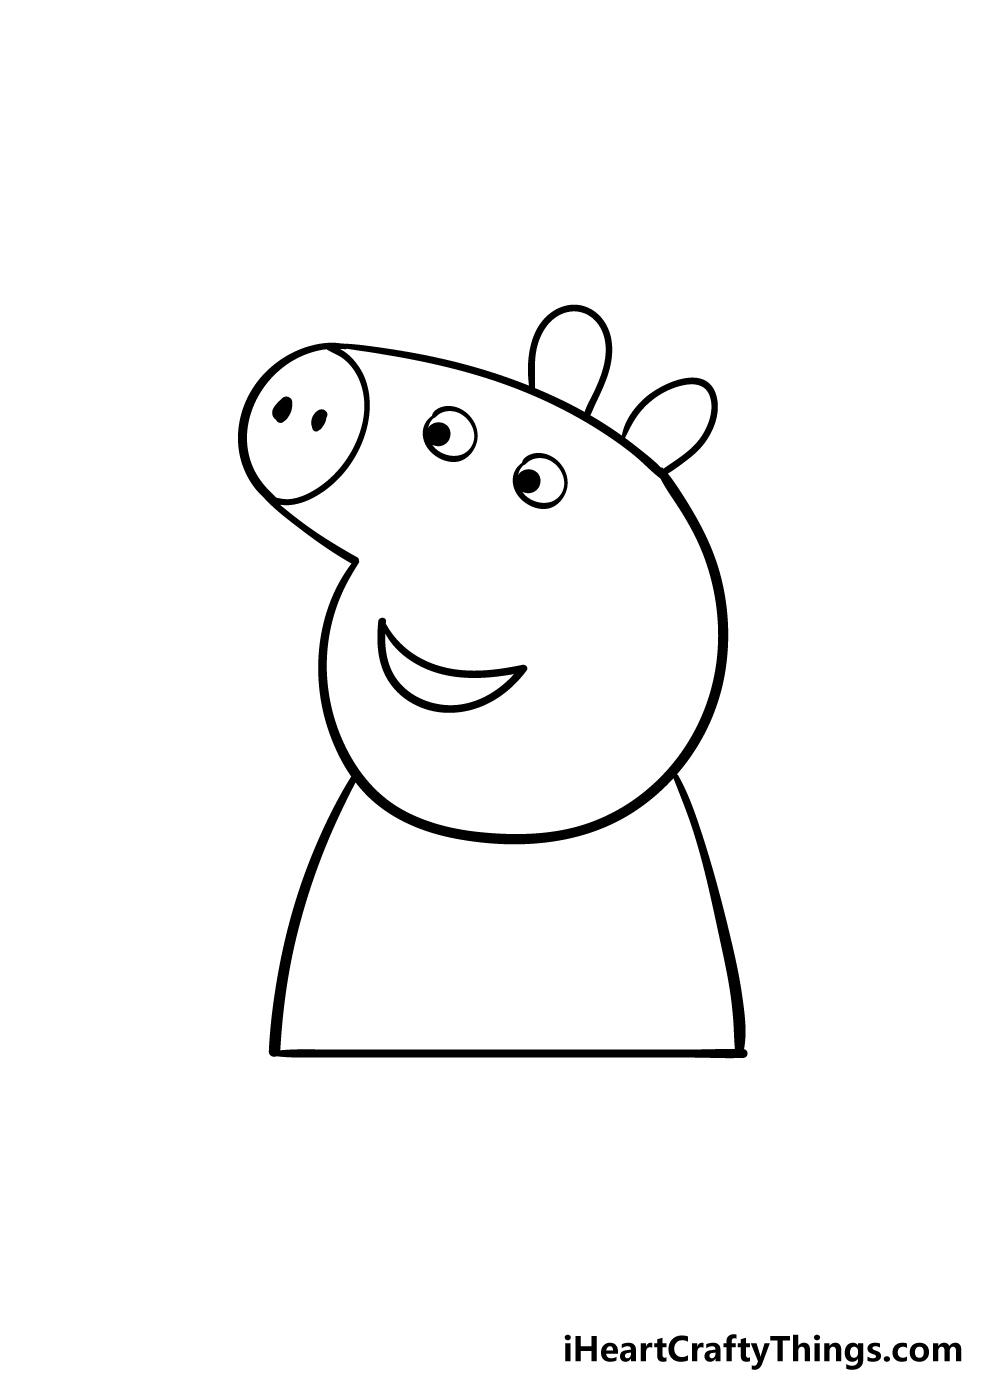 peppa pig drawing step 4